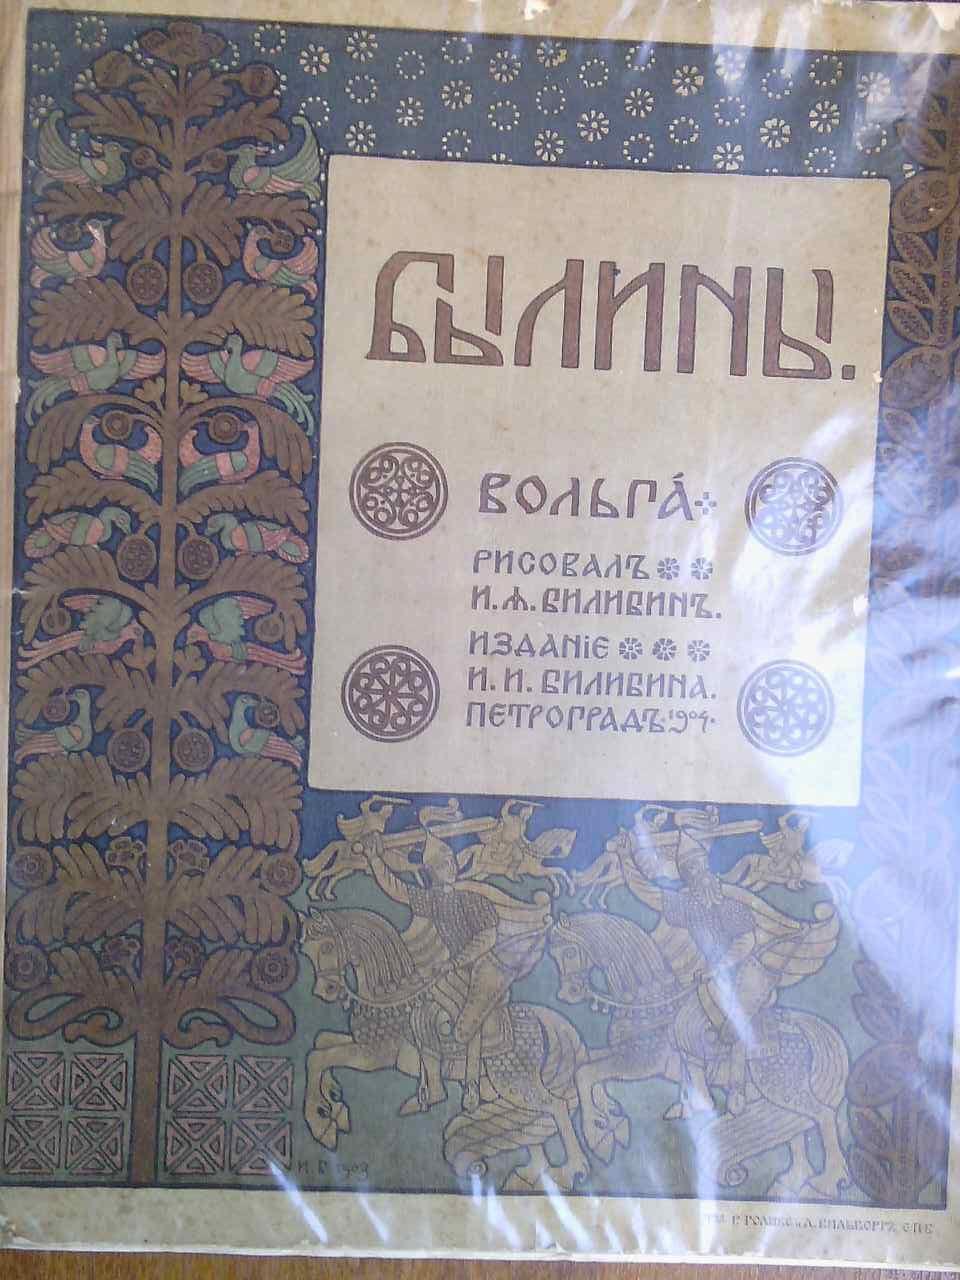 Книга Былины  Вольга  с рисунками И.Билибина 1903 год